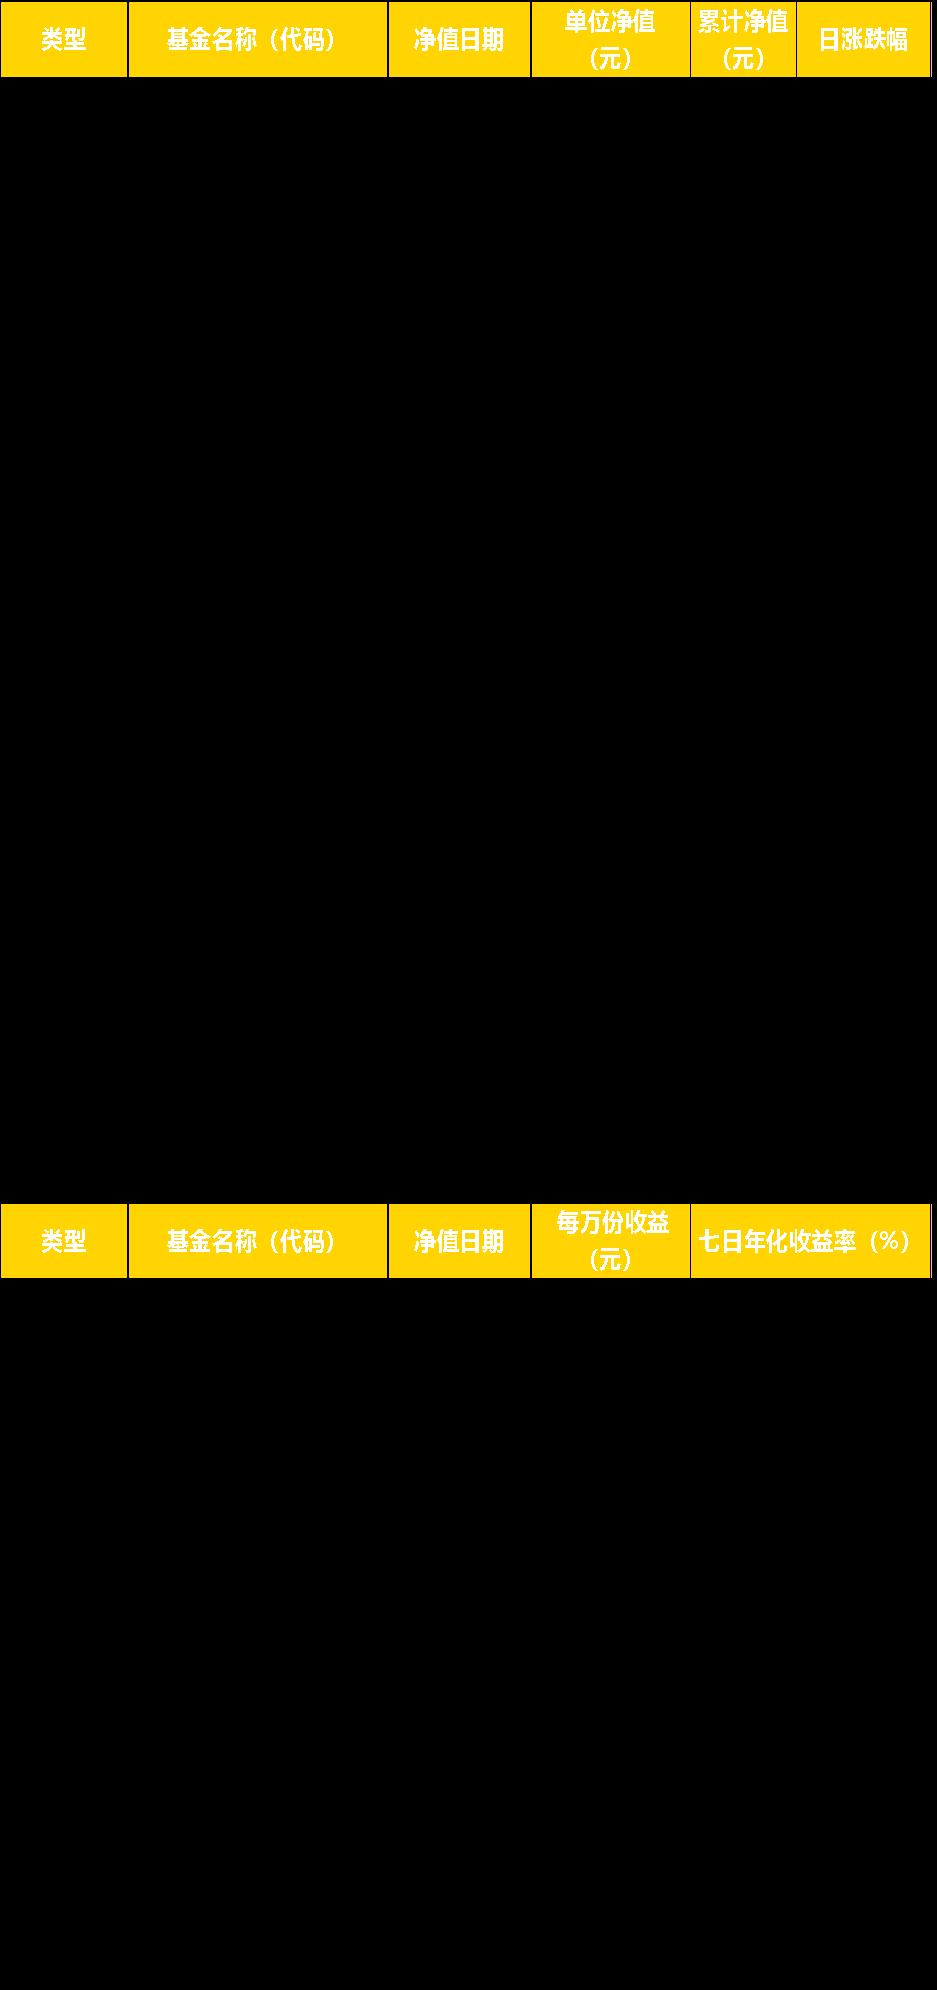 兴•料 | 社融增速季节性回落